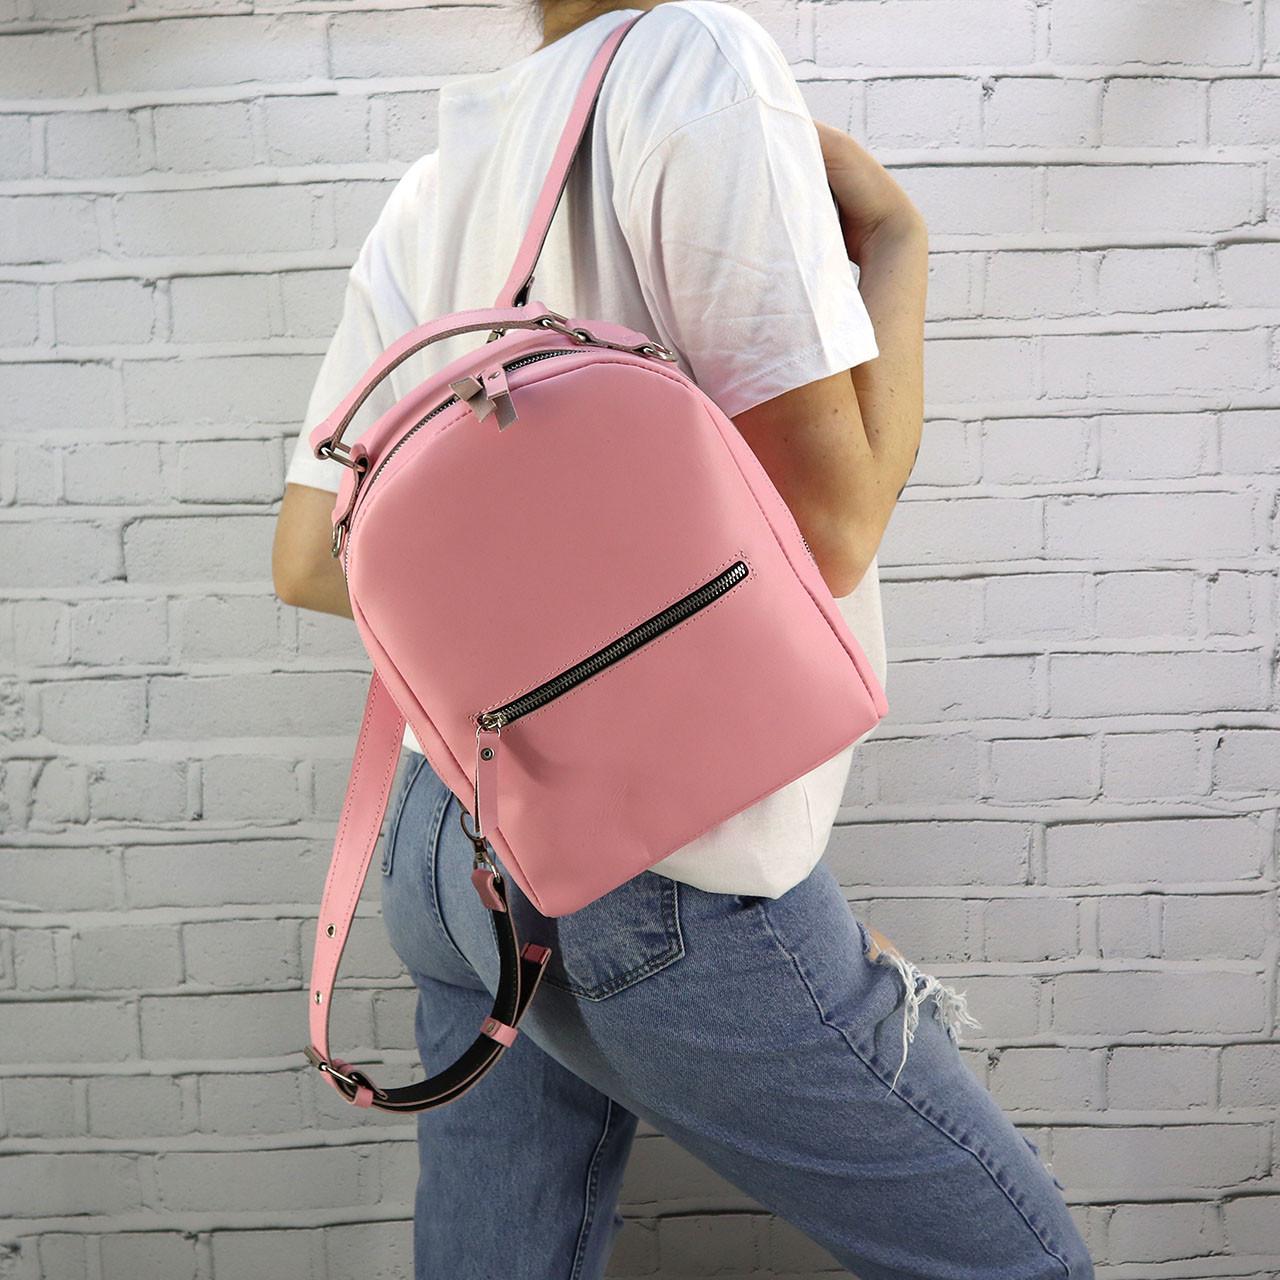 Рюкзак Mihey piton mid розовый из натуральной кожи kapri 1320706